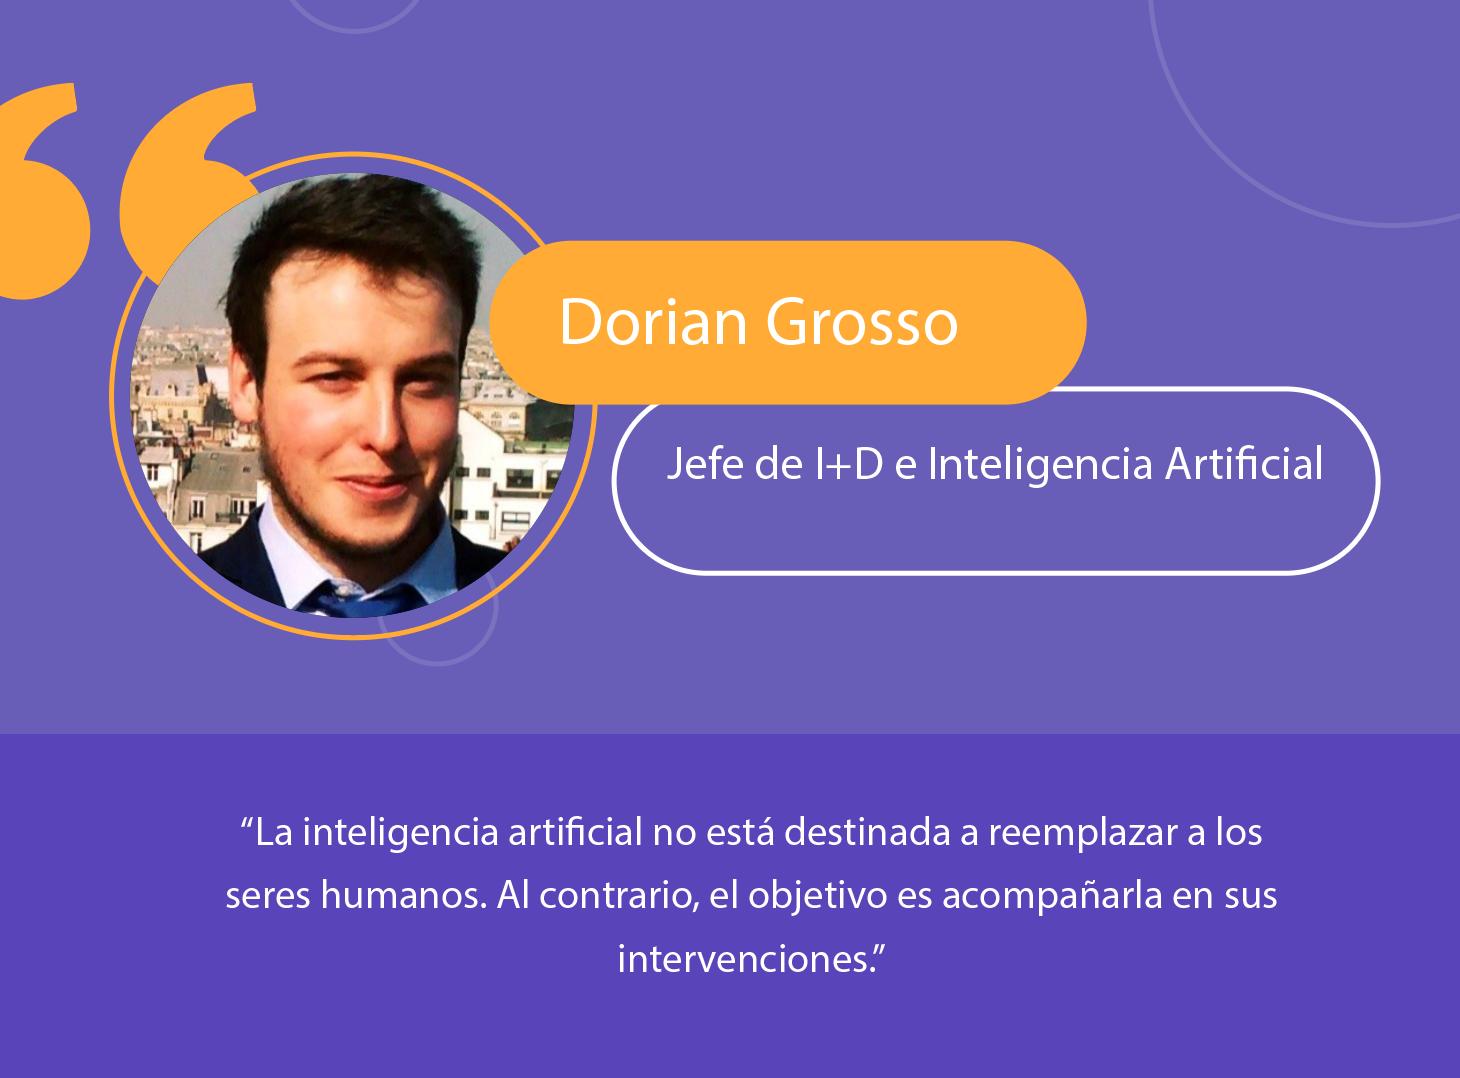 Industria: La inteligencia artificial como complemento de los humanos